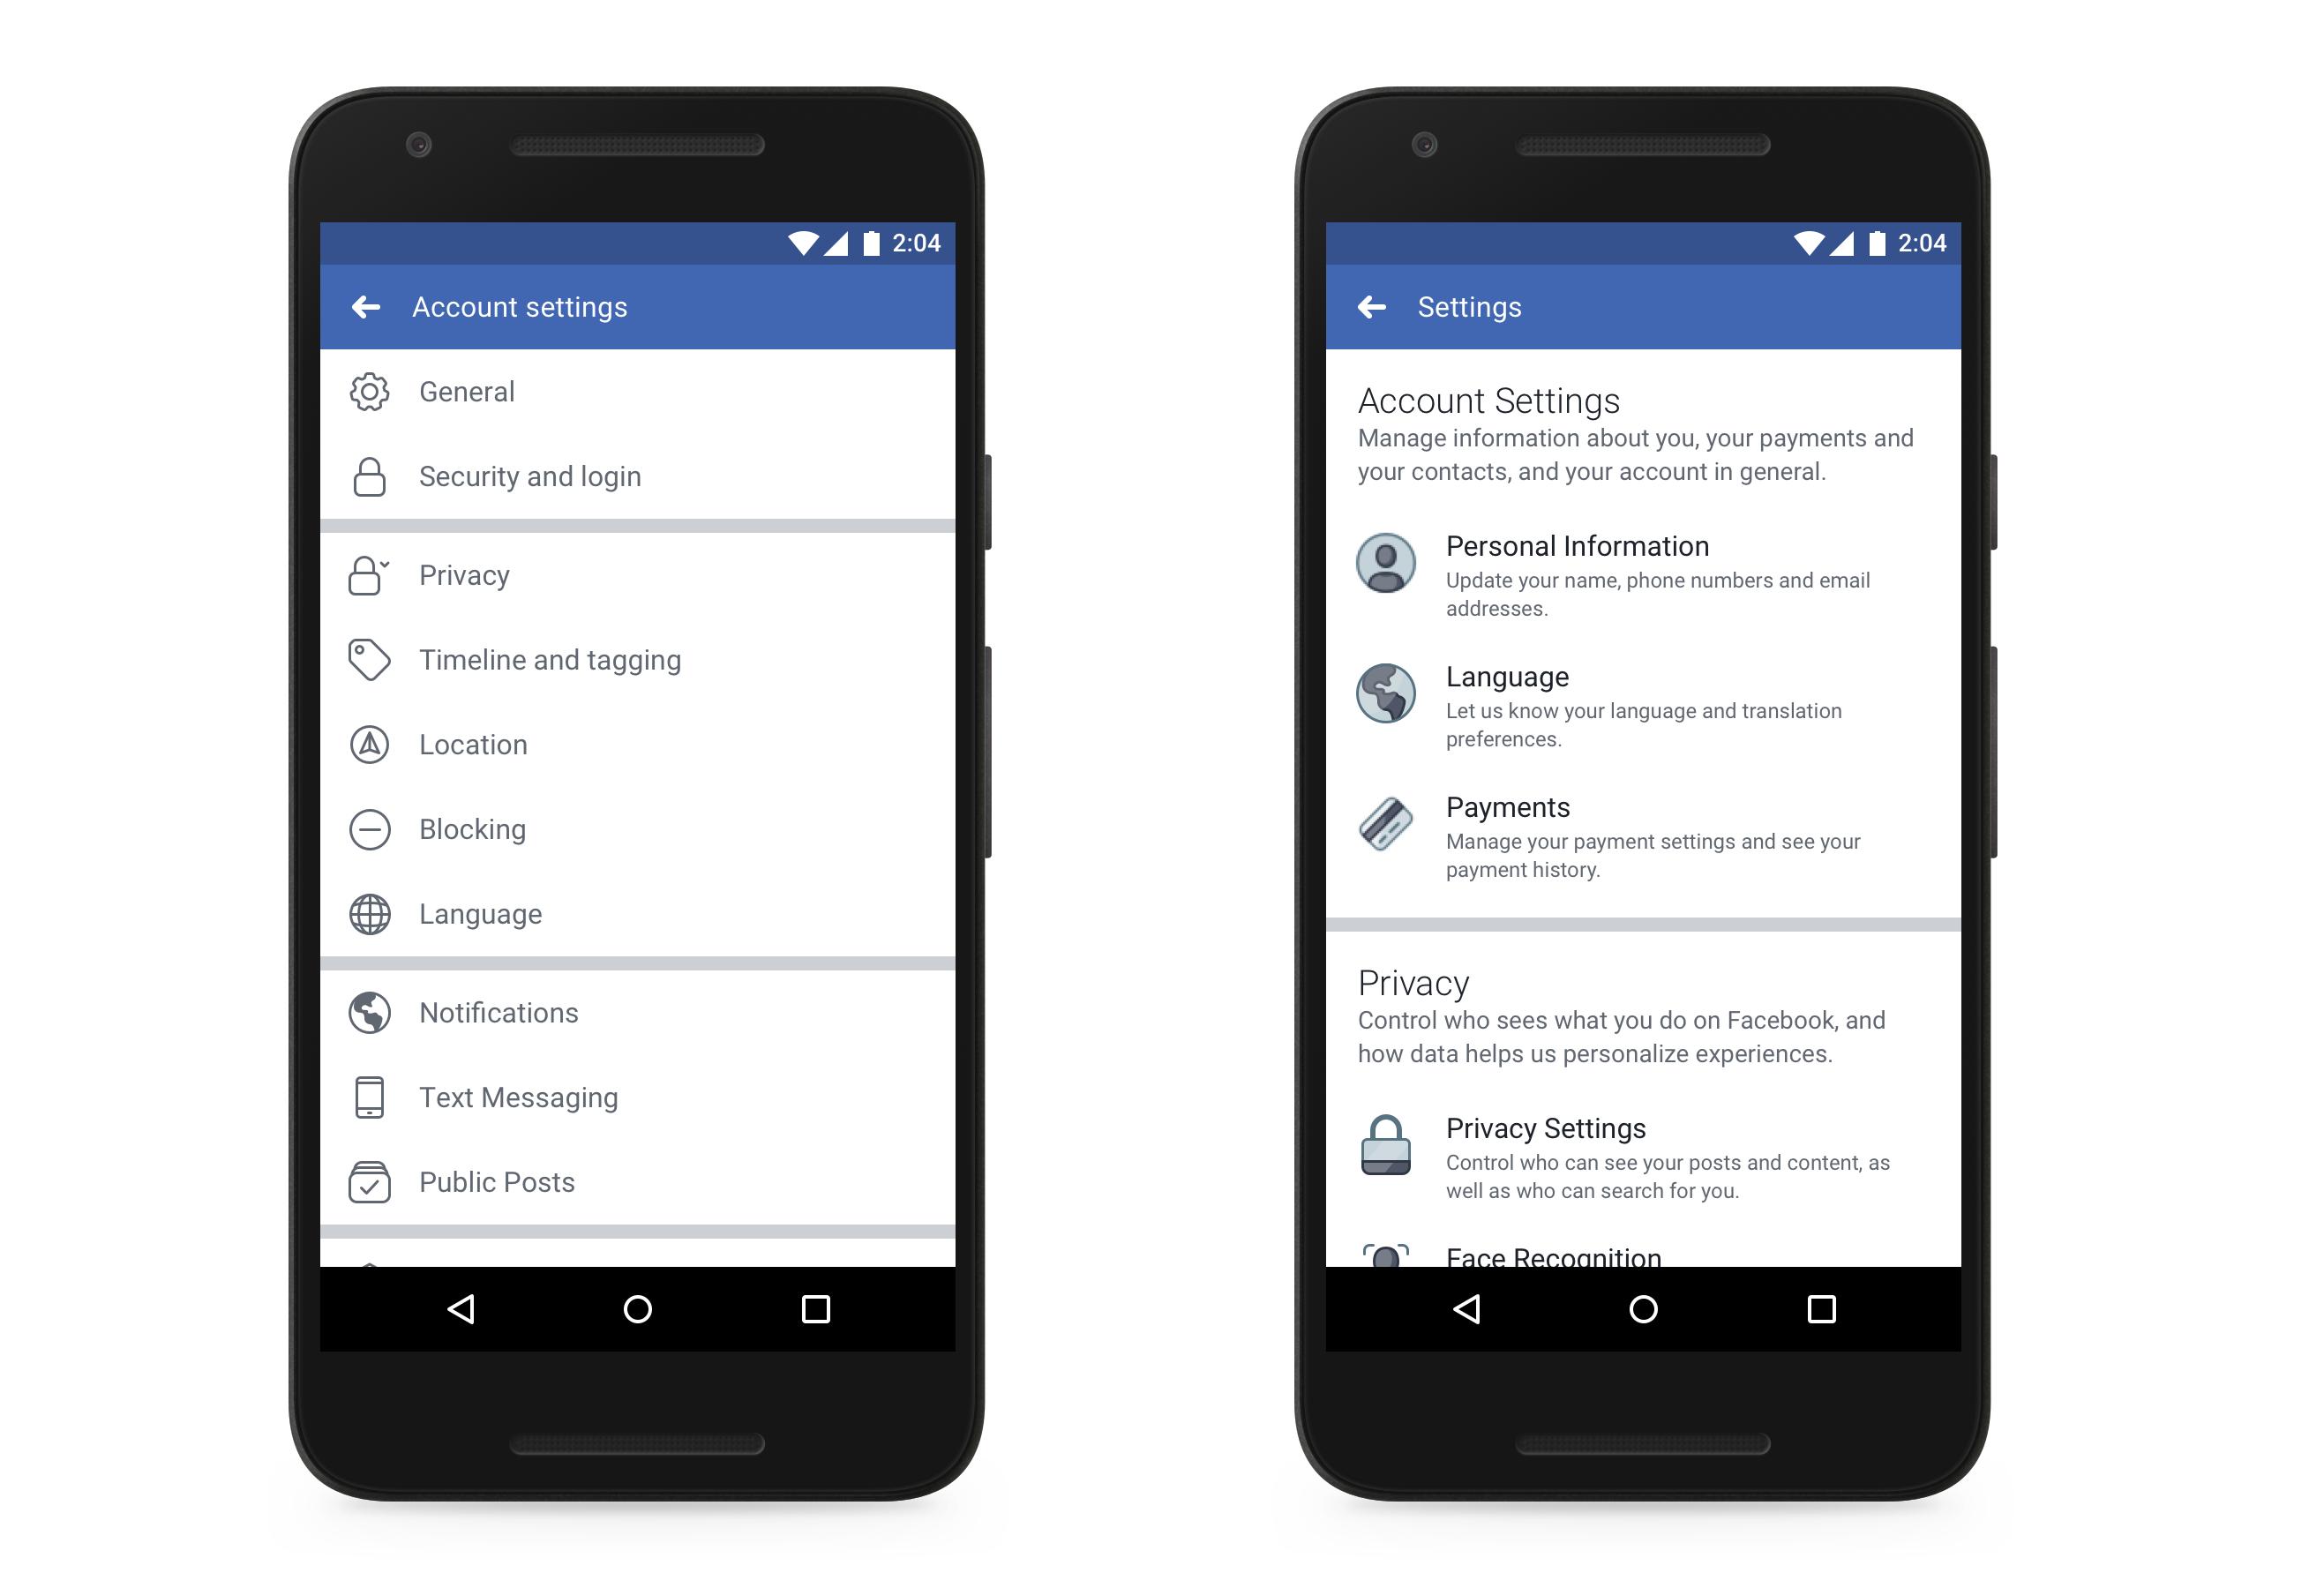 A régi és a megújult beállítási felület a Facebook mobilos felületén